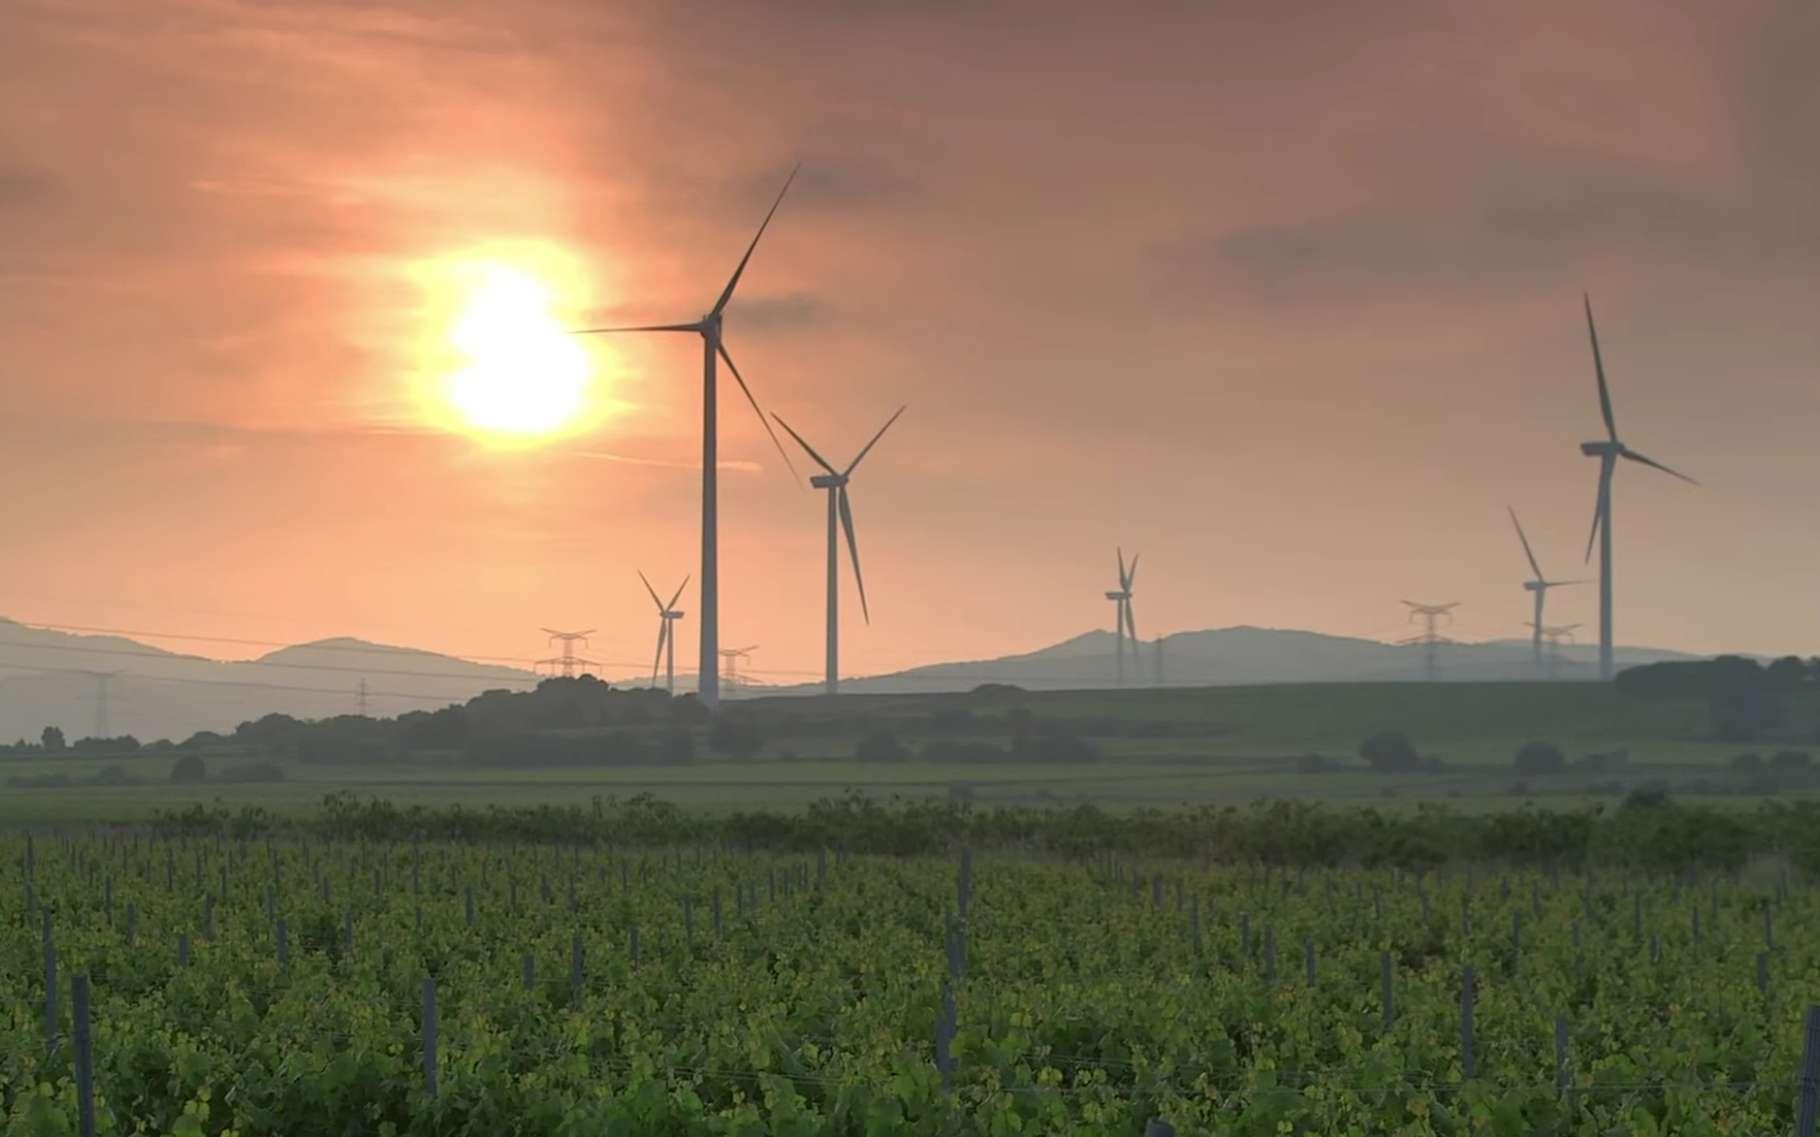 Les 35 turbines du parc éolien catalan, fabriquées par l'entreprise danoise Vestas, sont de deux types : des V80/2000 (80 m de diamètre et 2.000 kW de puissance) et des V90/3000 (90 m et 3.000 kW). © EDF